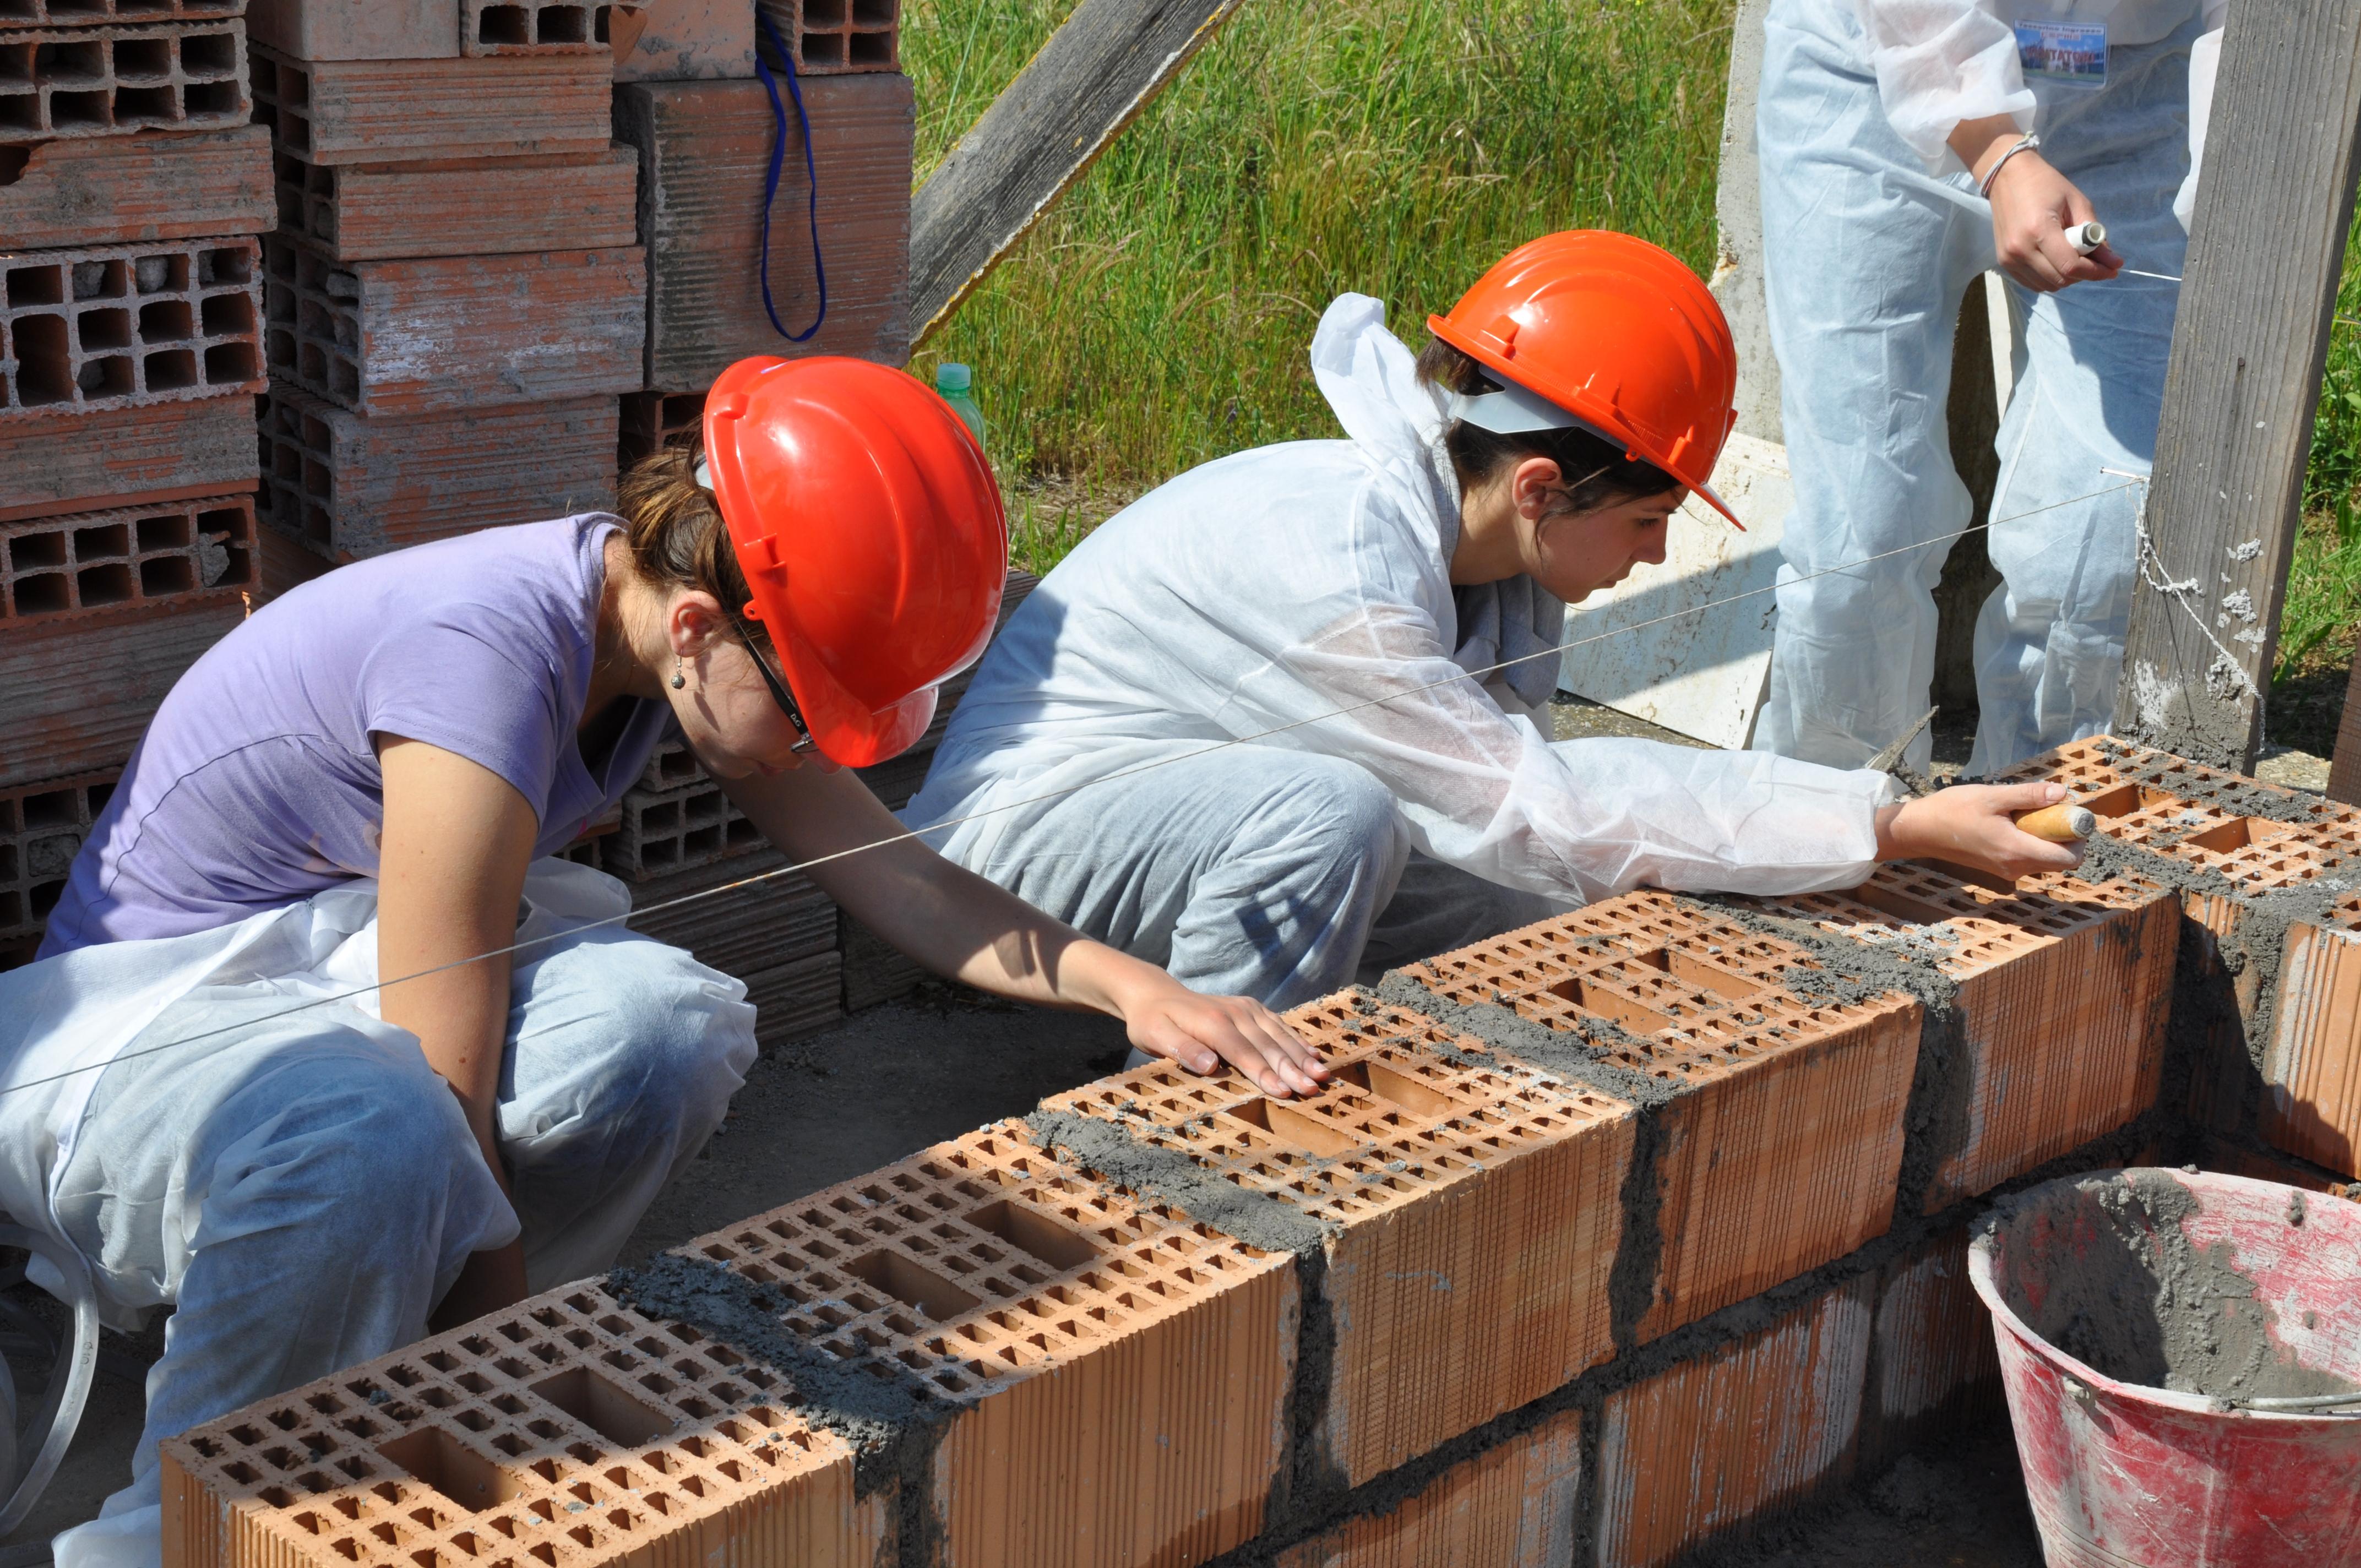 Imprese Edili Varese E Provincia l'edilizia riparte dalle imprenditrici: varese sul podio del